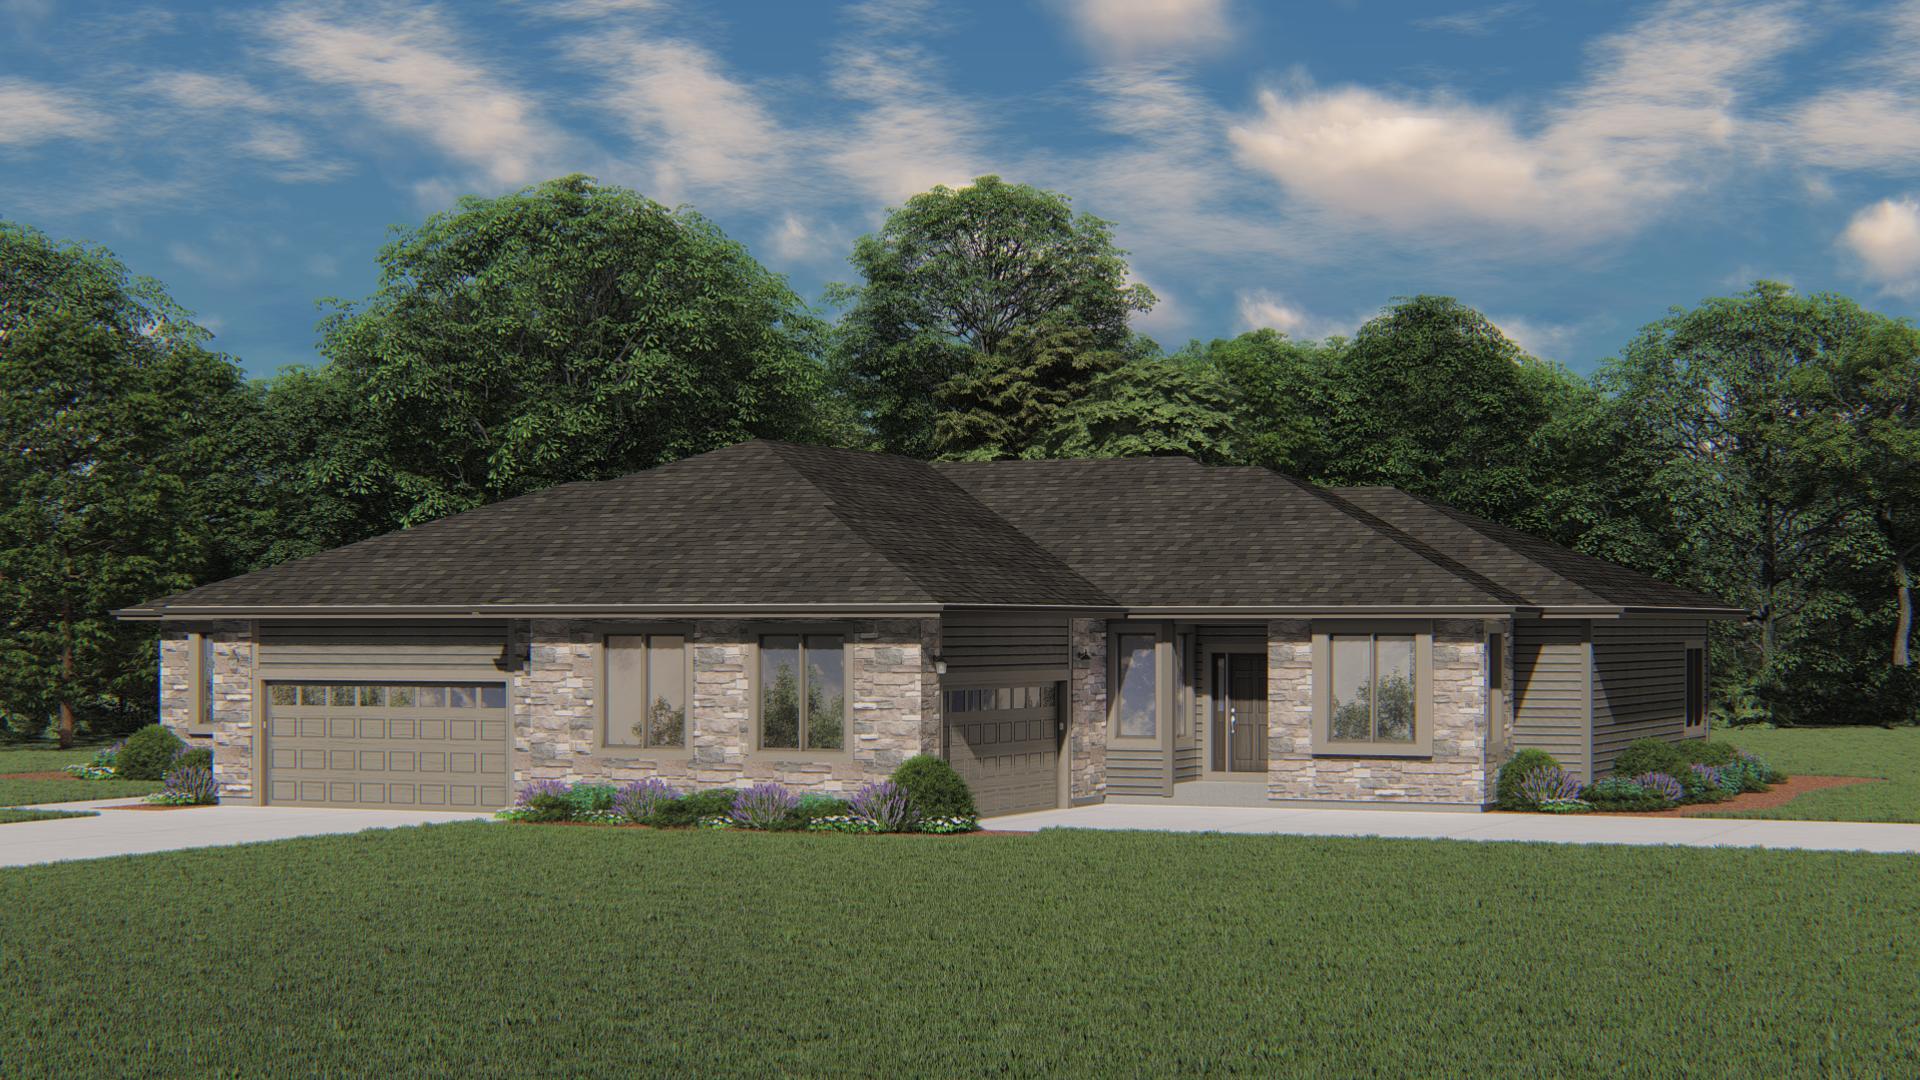 1004 Pinegrove Ct, Hartland, Wisconsin 53029, 2 Bedrooms Bedrooms, 9 Rooms Rooms,2 BathroomsBathrooms,Condominiums,For Sale,Pinegrove Ct,1,1759382